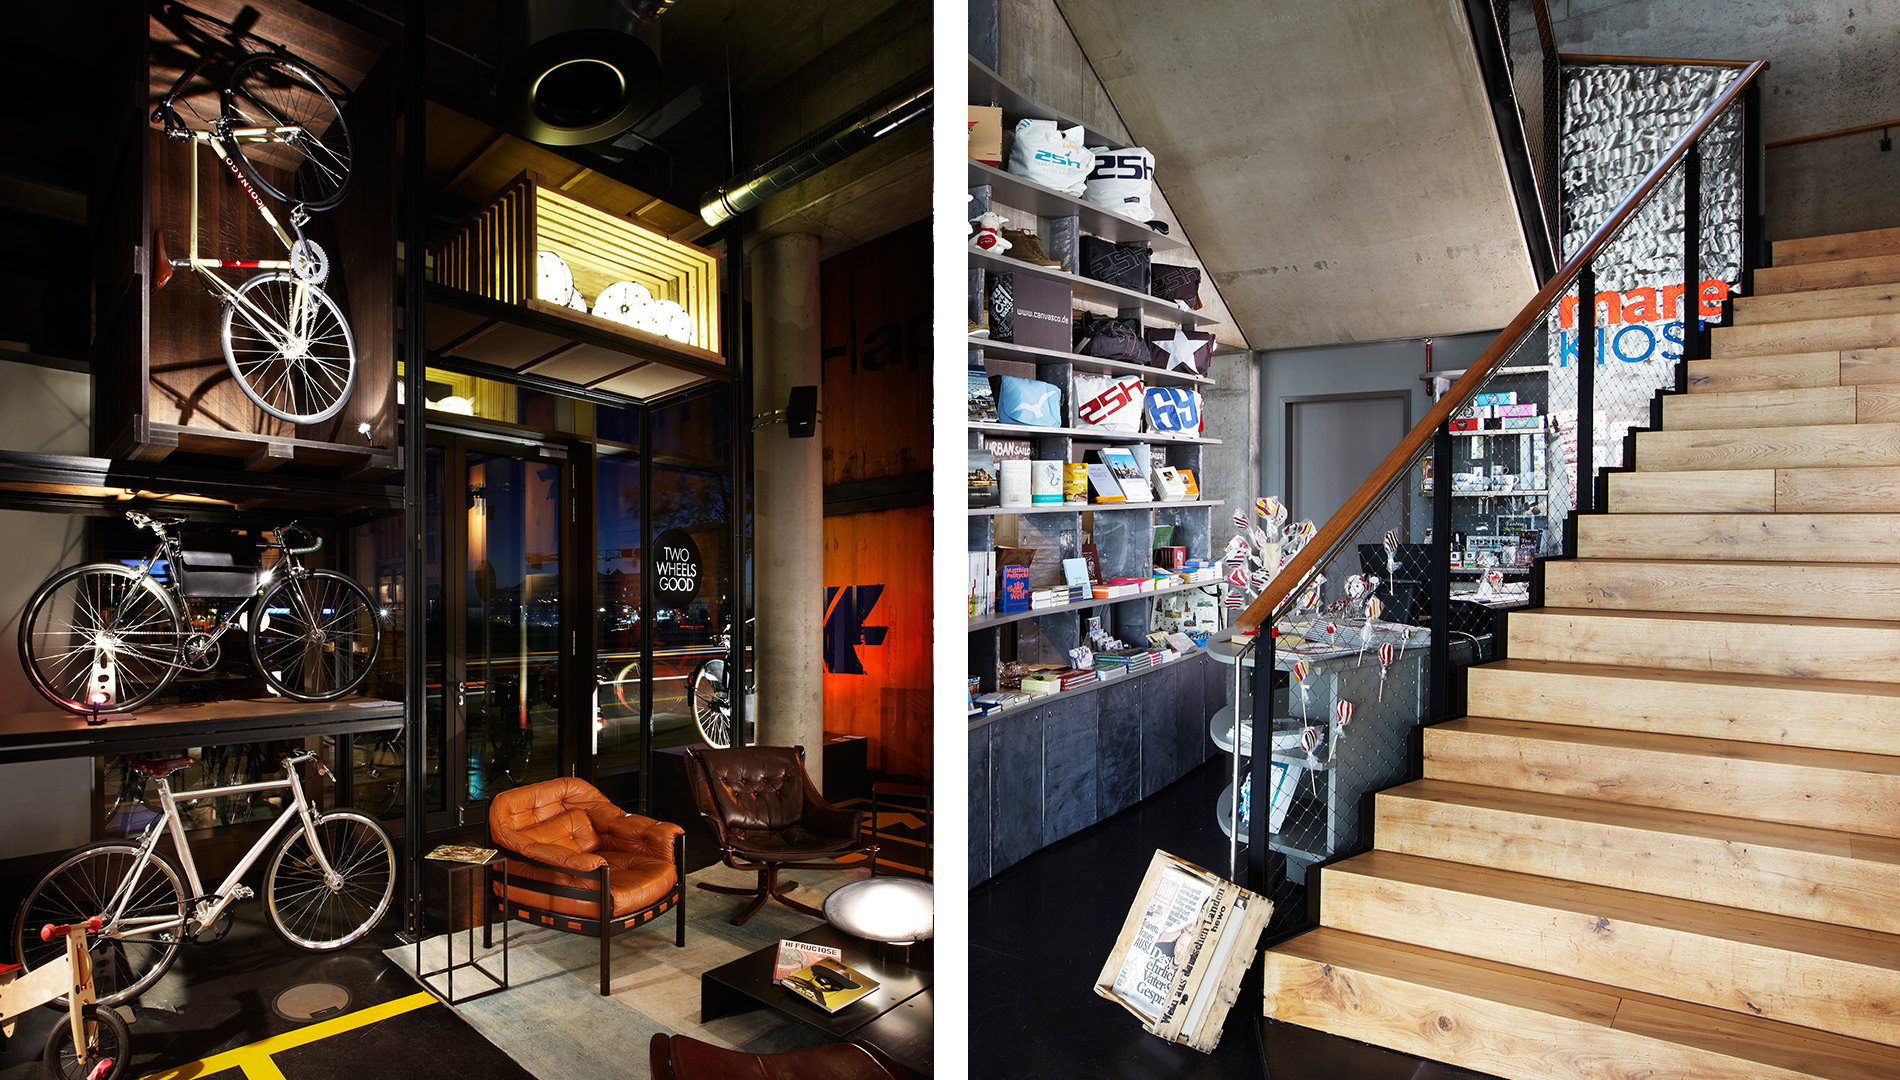 Messe Design Live Kommunikation Hamburg 25Hours Hotel Hafencity Erdgeschoss Hochregal Fundstücke Fahrräder Going Places EventLabs